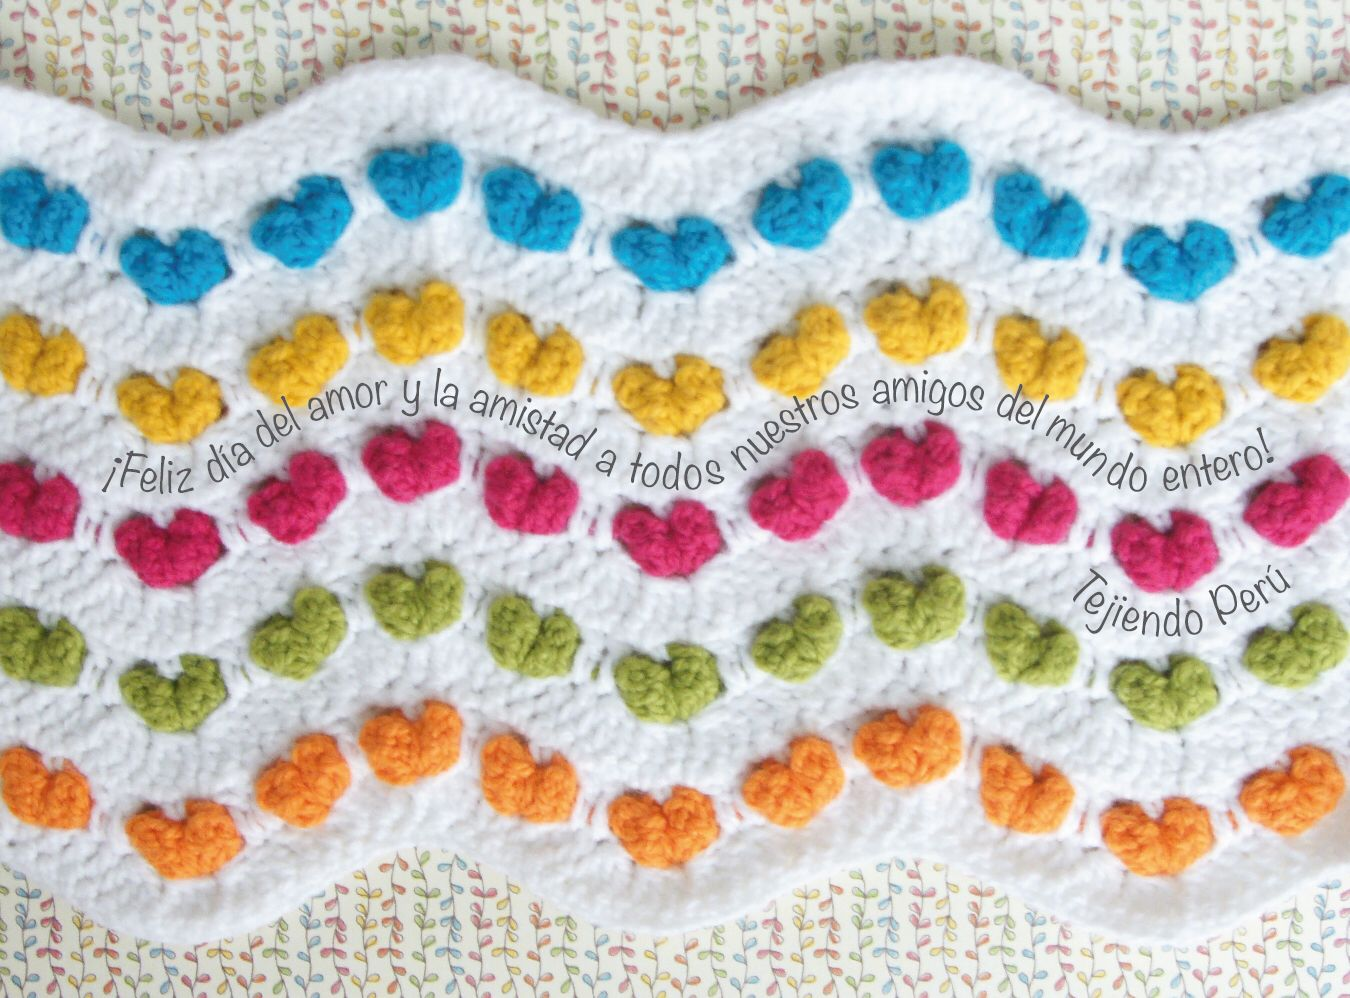 ¡Feliz día del amor y la amistad amigos tejedores de todo el mundo!  Abrazos de parte de todo el equipo de Tejiendo Perú, Esperanza, Ana Celia, Lorena y José  #valentines #SanValentin #valentine #crochet #knit #tejer #diy #ganchillo #tejiendoperu #amor #love #amistad